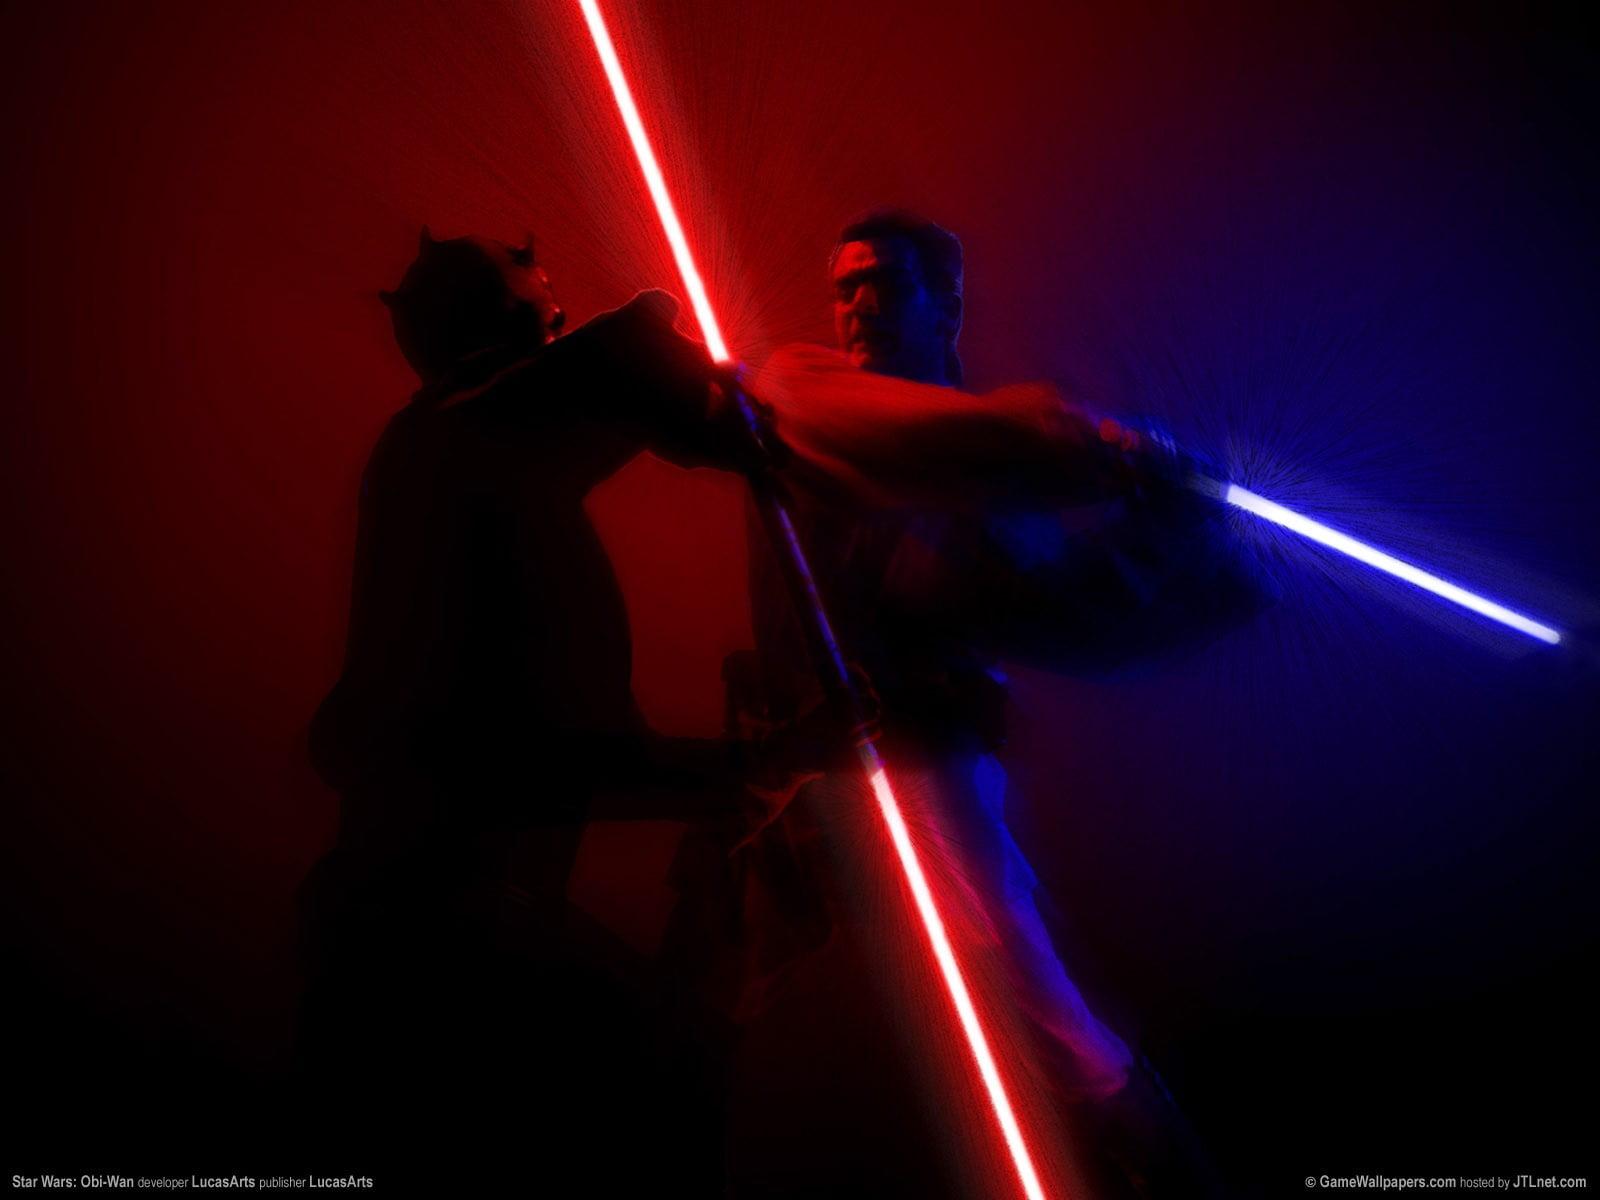 Star Wars Wallpaper Hd Obi Wan 1600x1200 Wallpaper Teahub Io